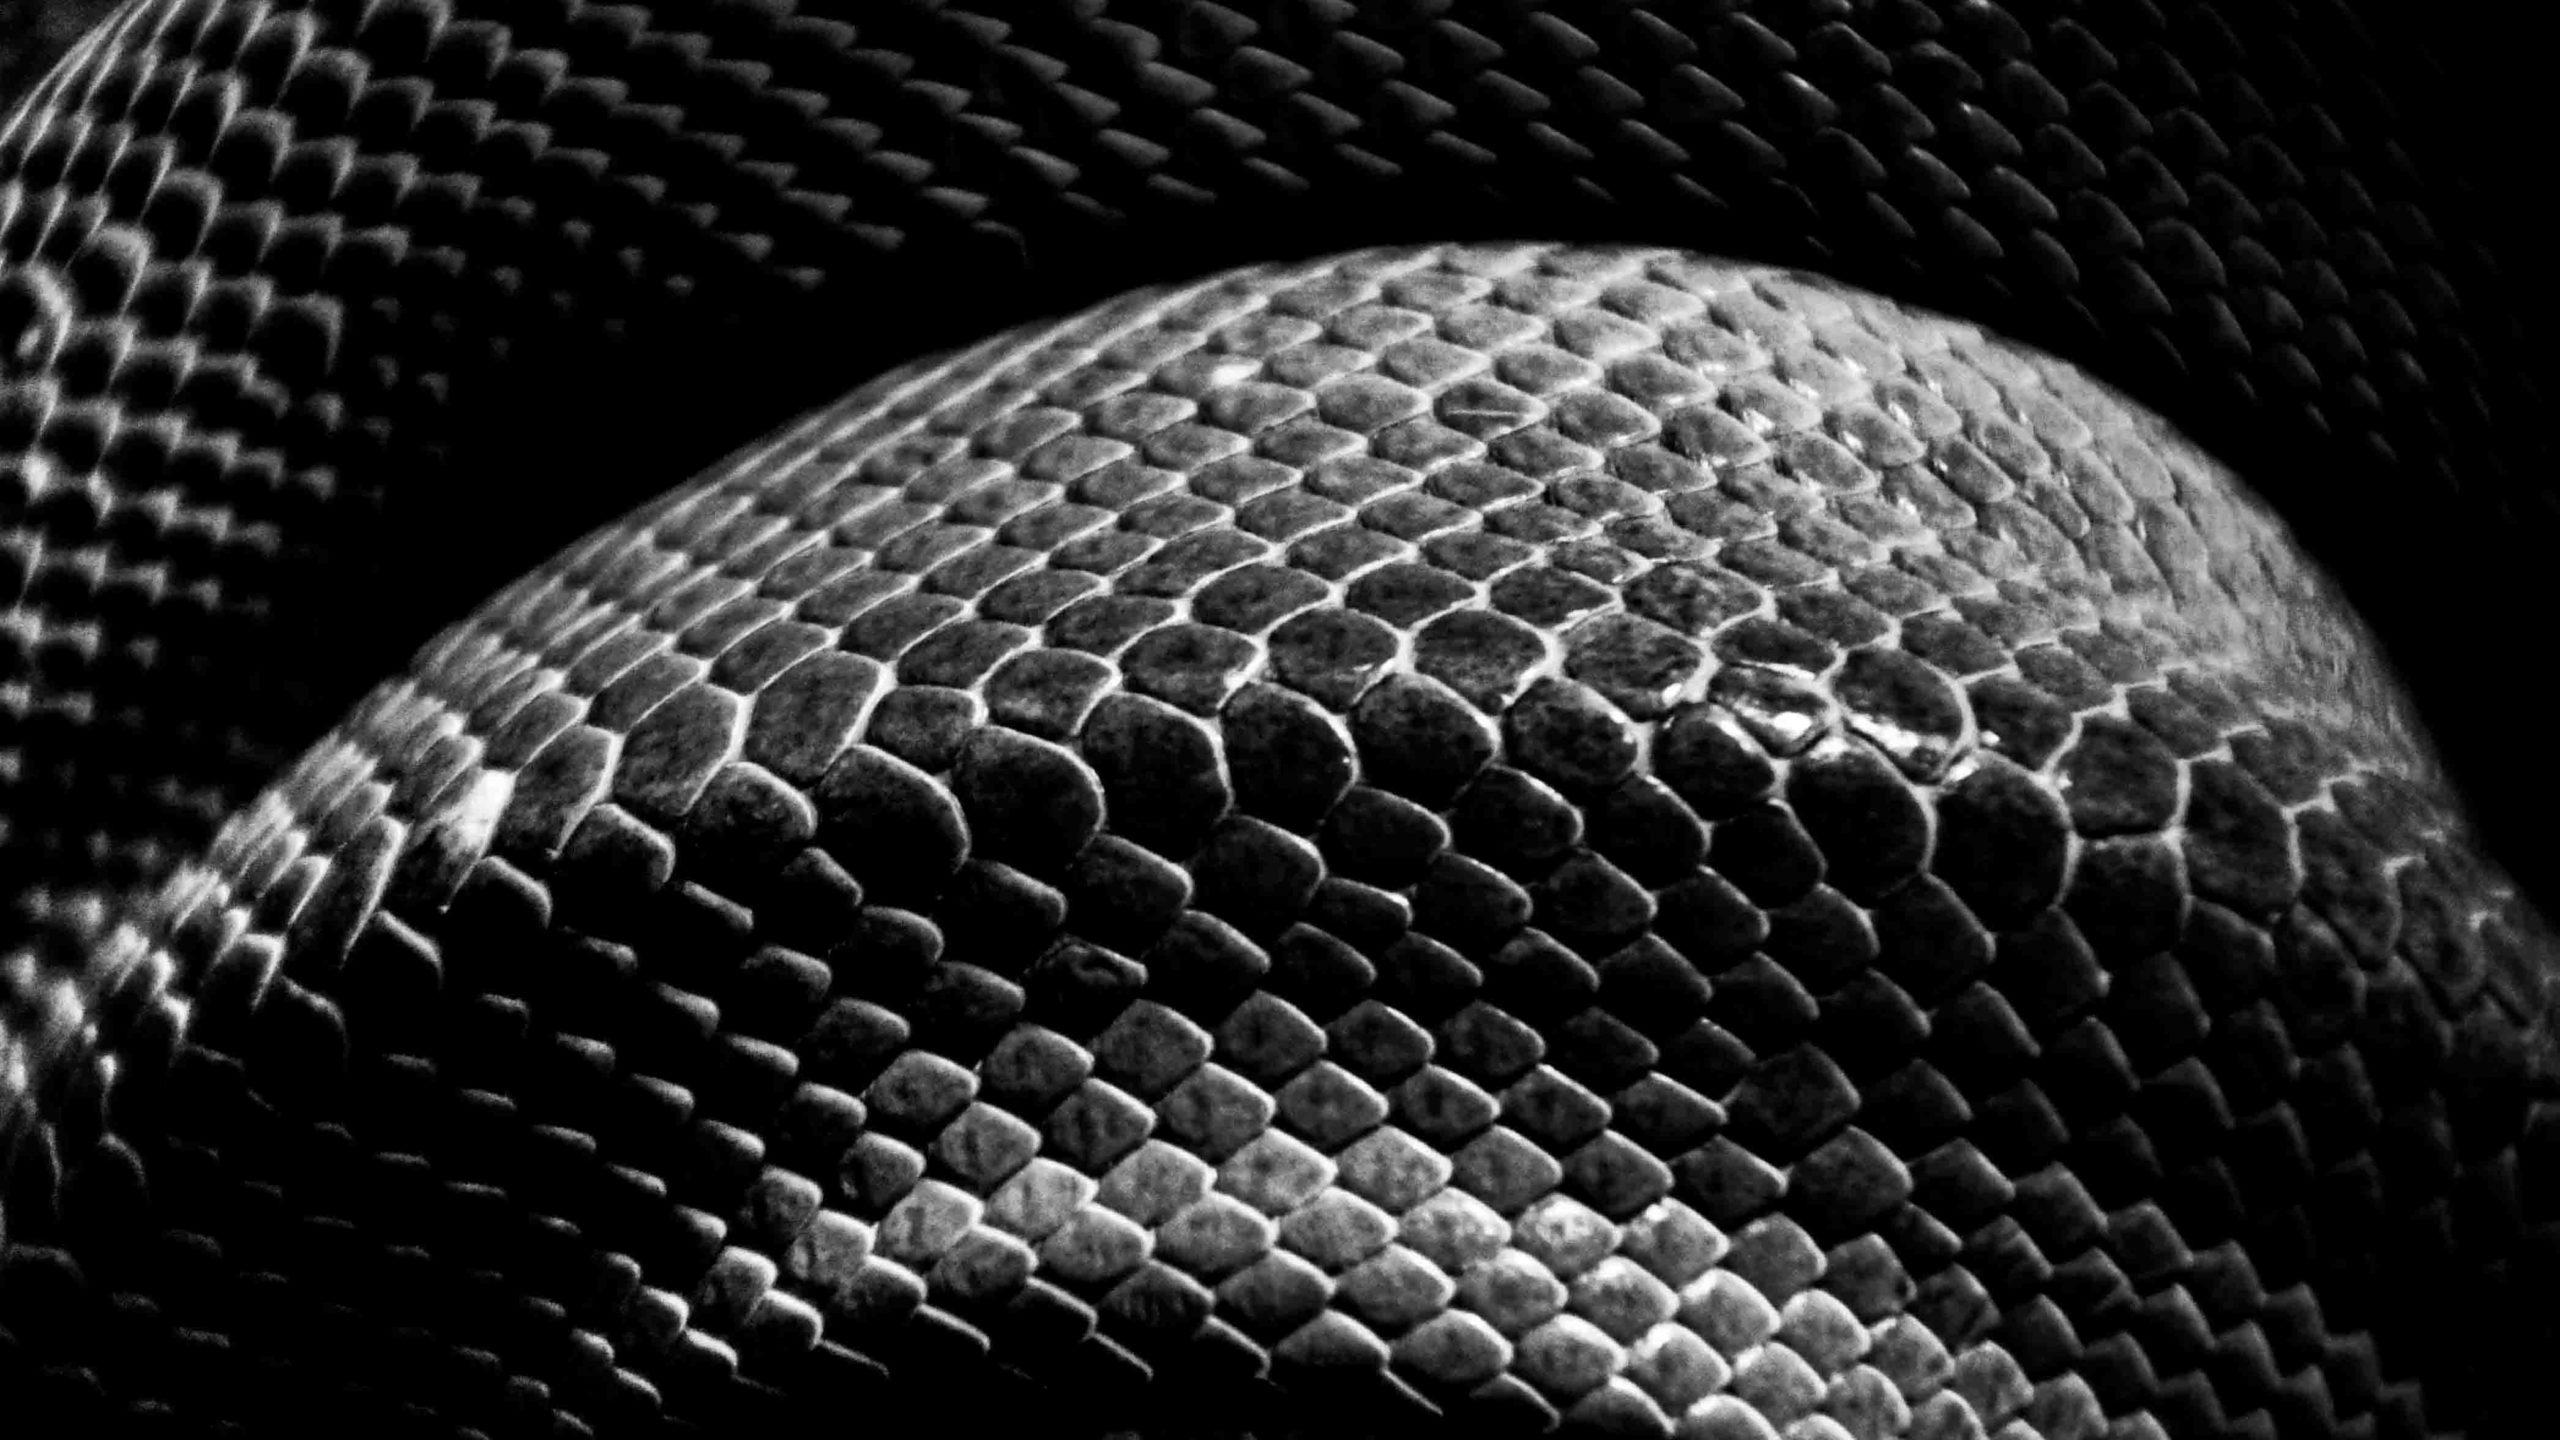 image-snake-3 crop